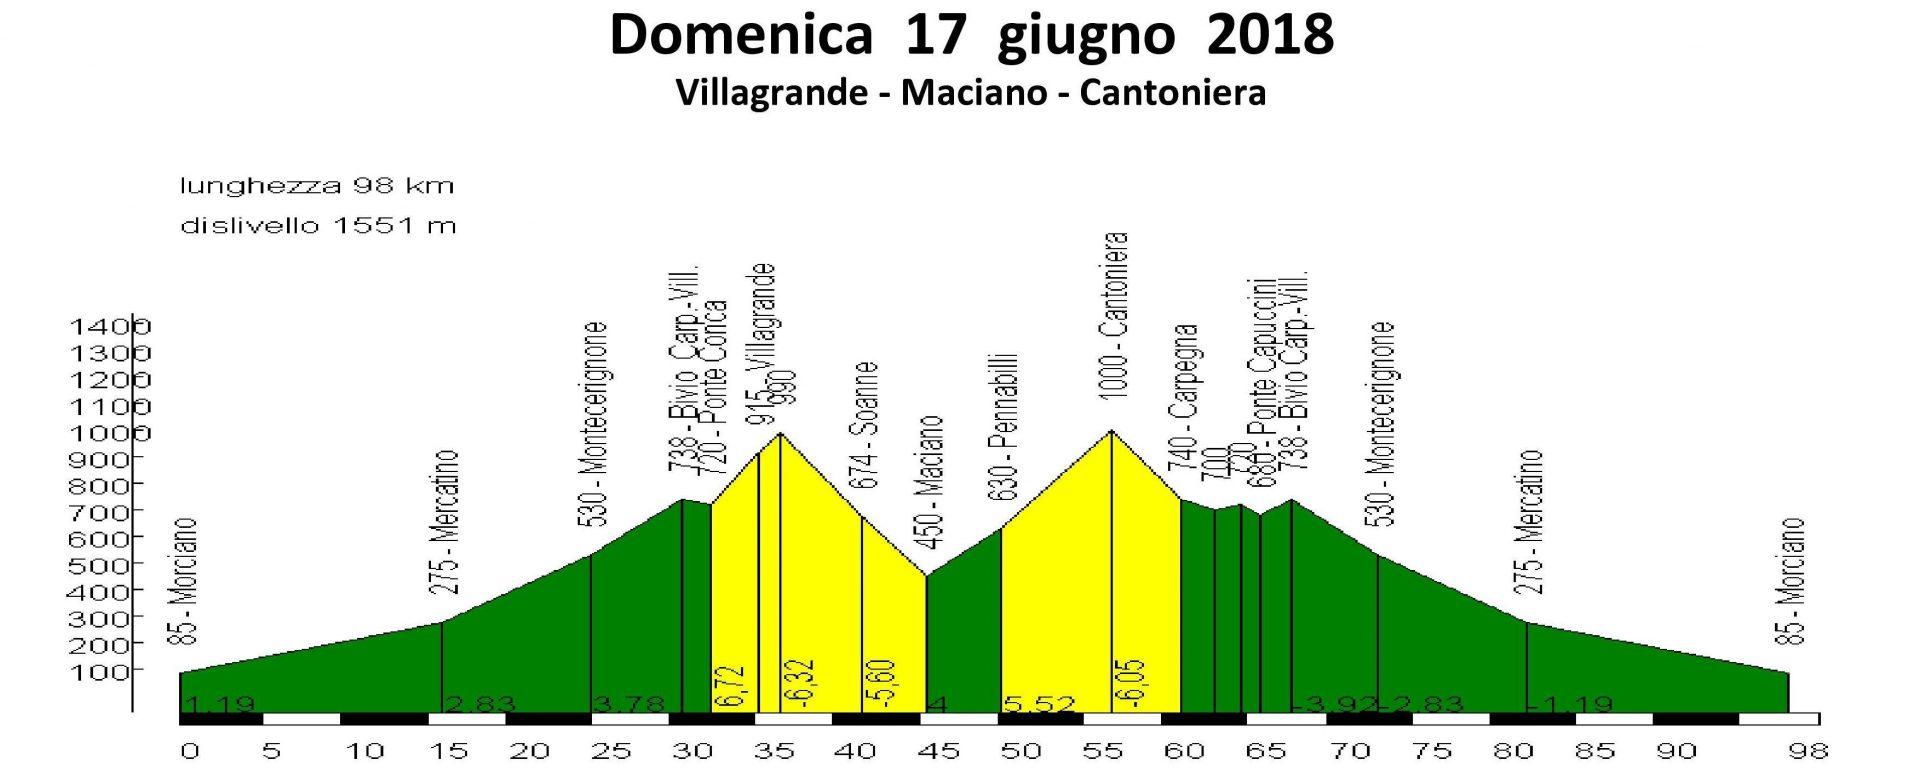 Domenica 17-giu-2018 Villagrande Maciano